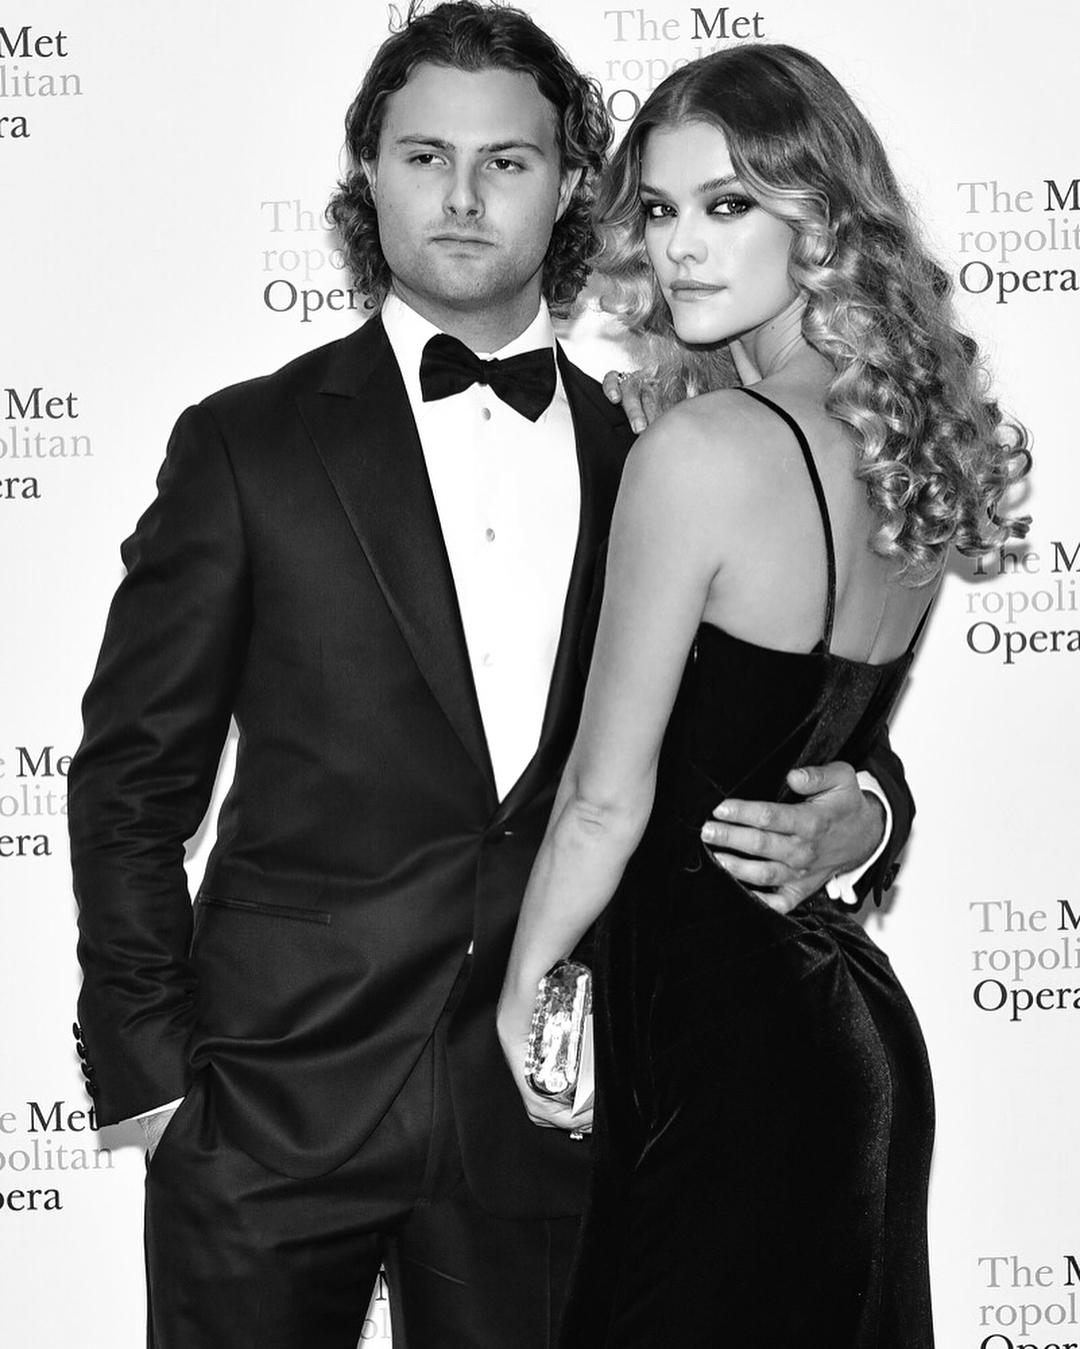 Nina with her boyfriend Jack